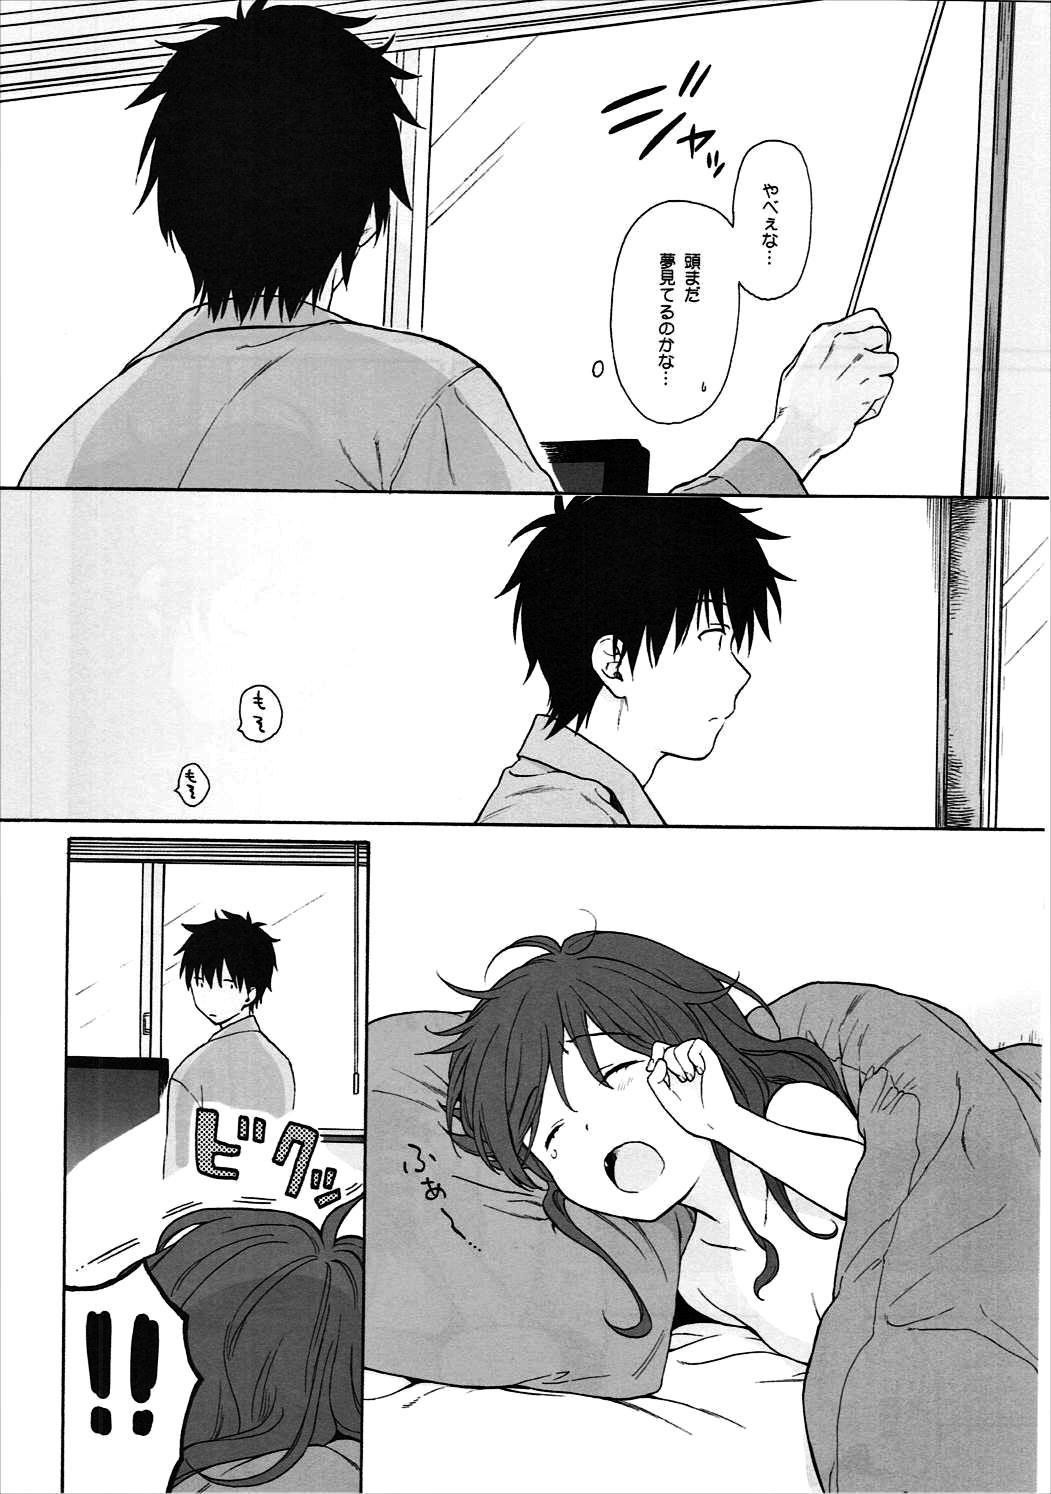 Good Morning Chiba 52